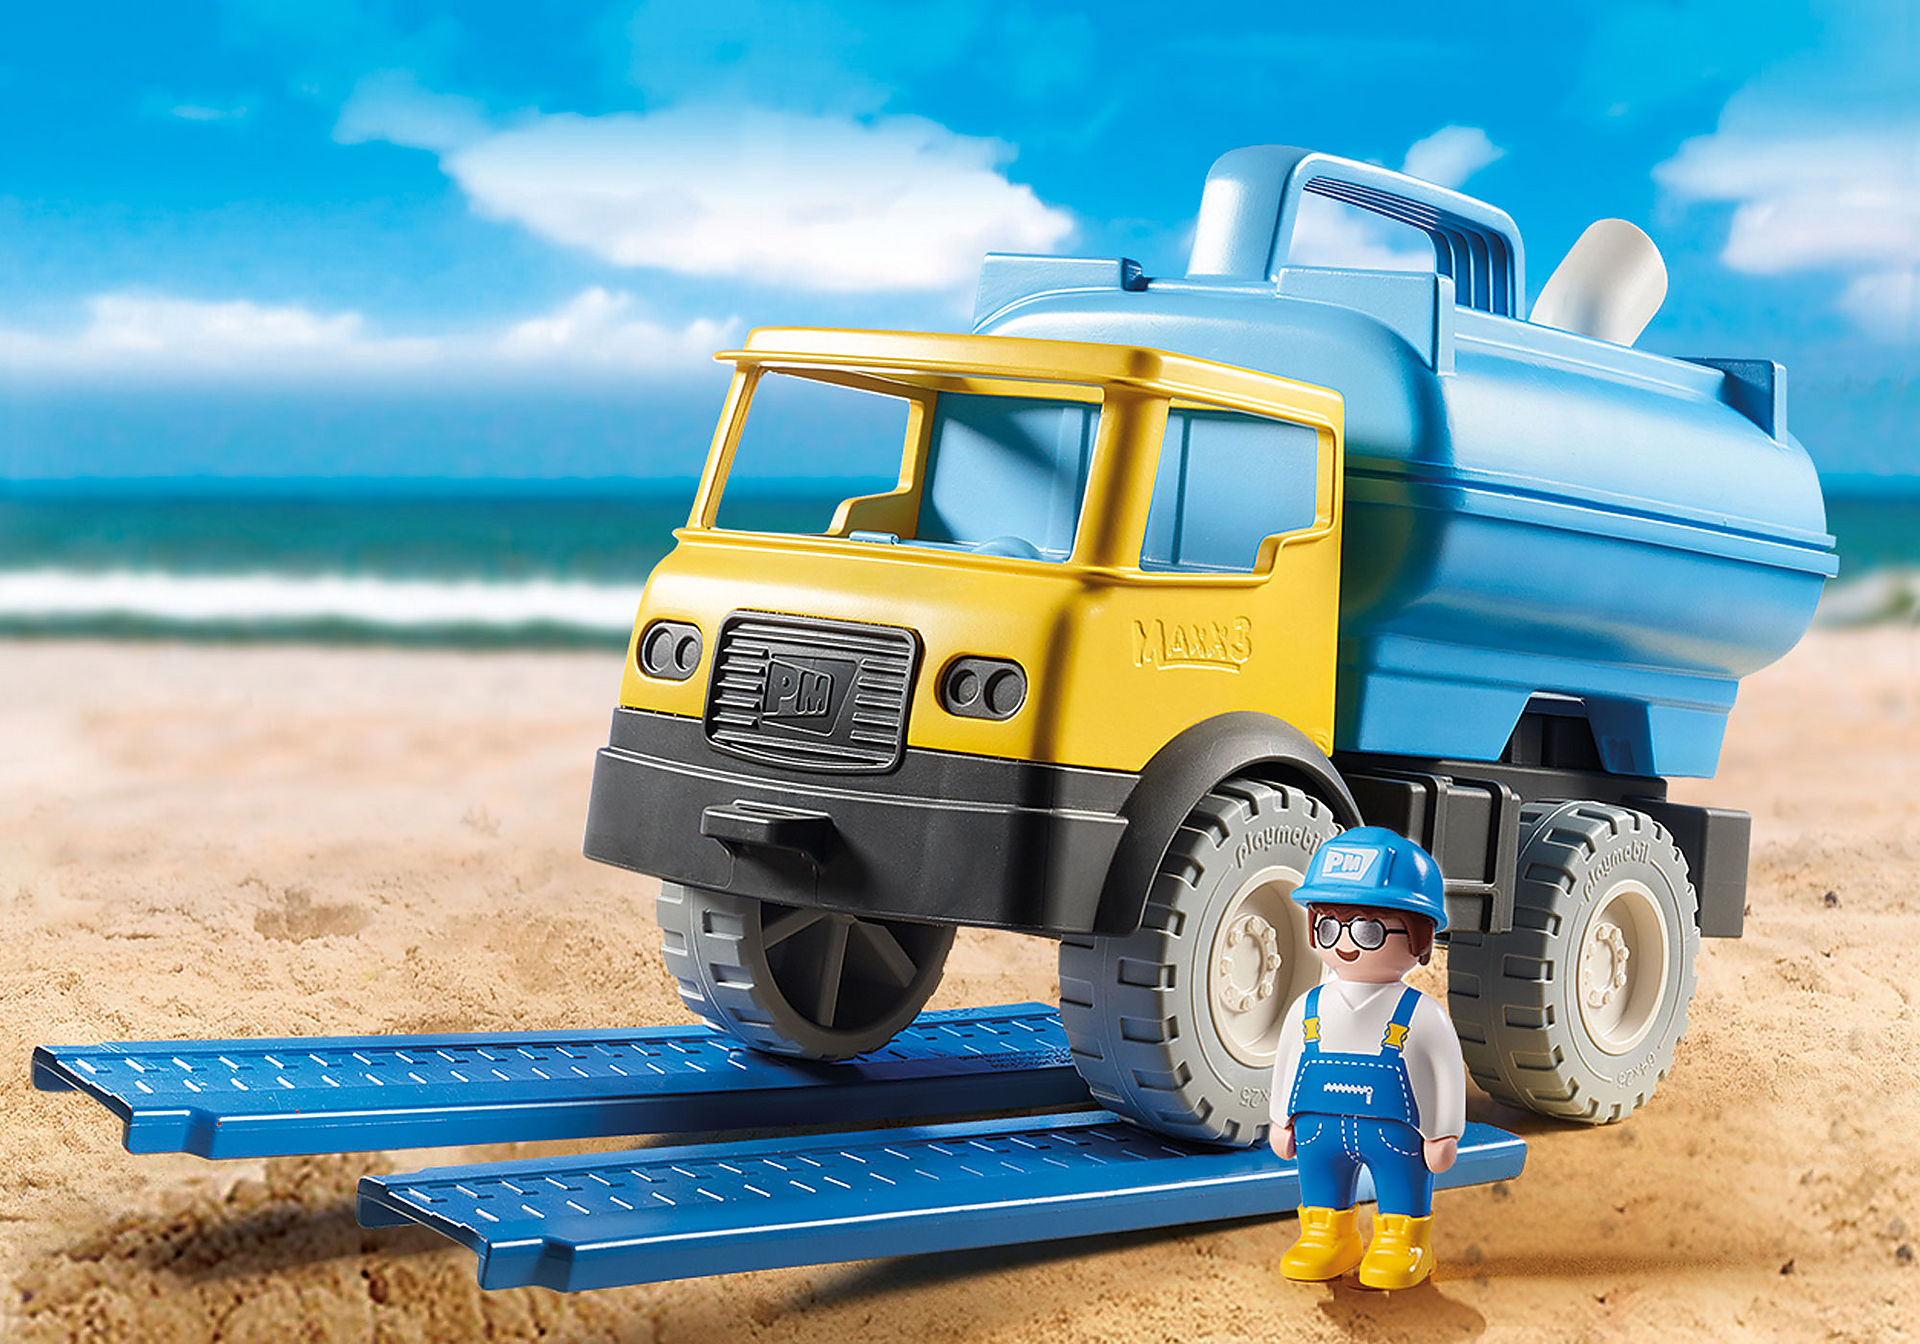 9144 Camion con cisterna per acqua zoom image1